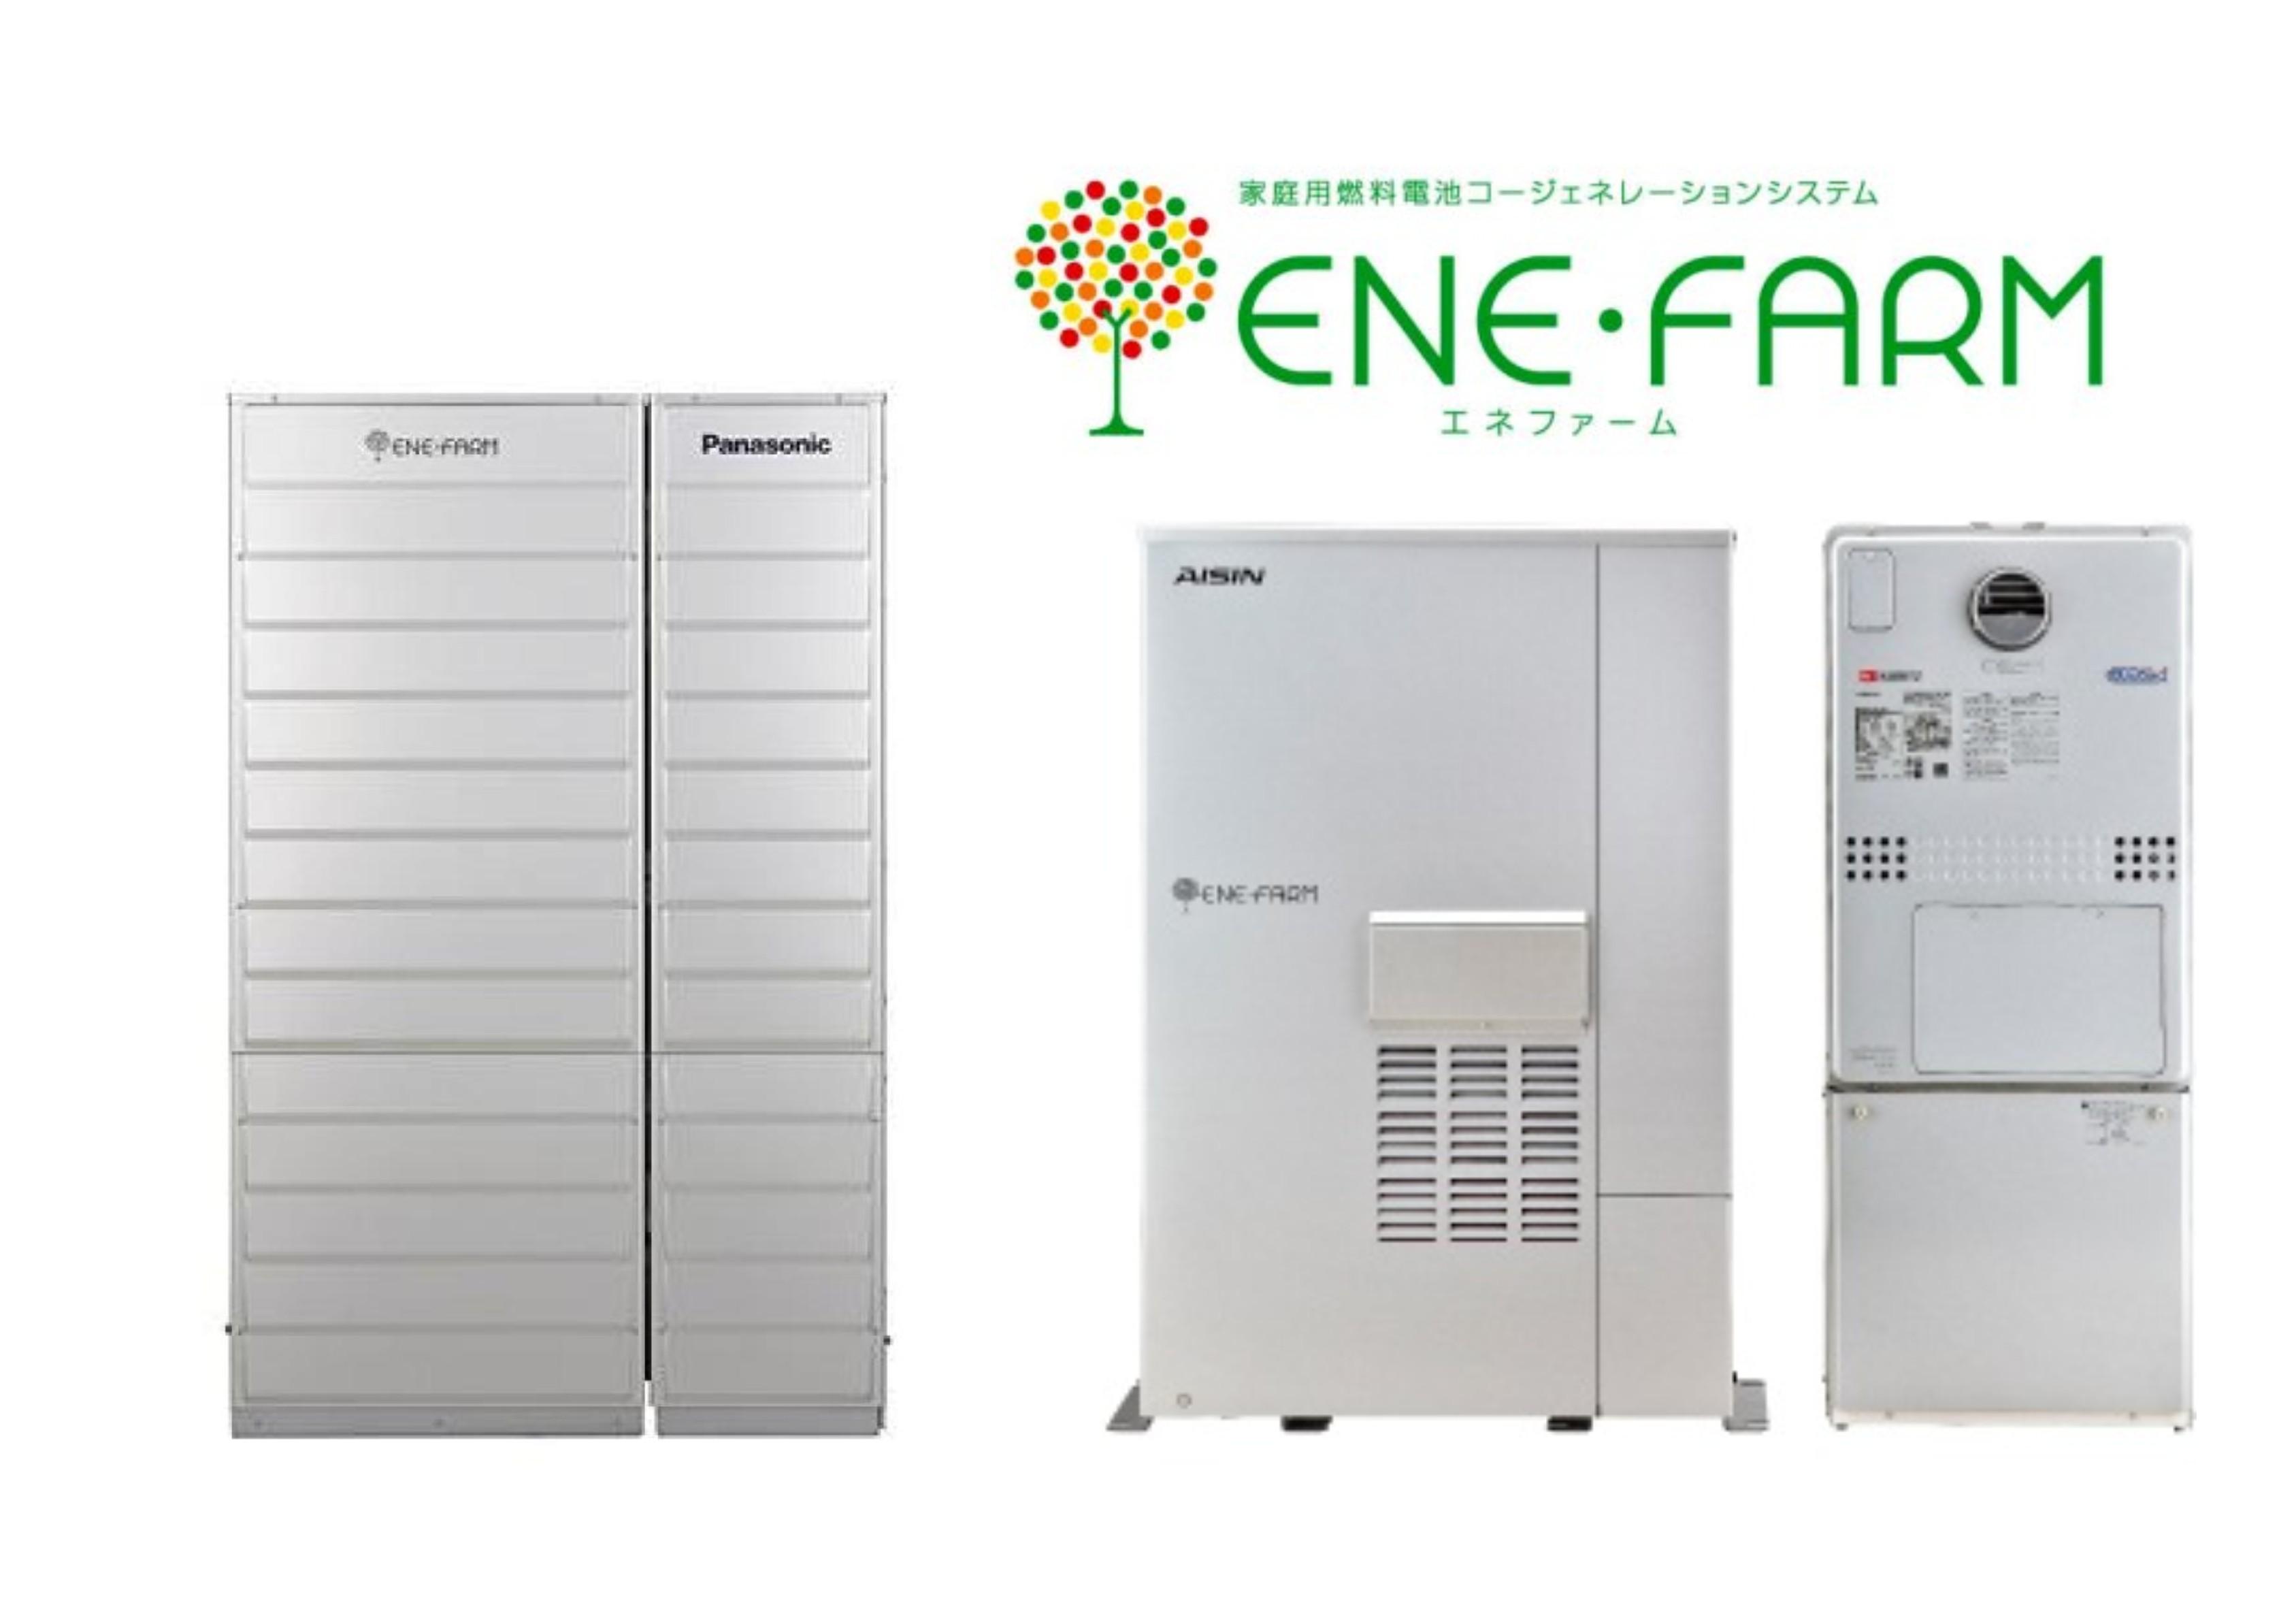 エネファーム・太陽光発電相談会 イメージ